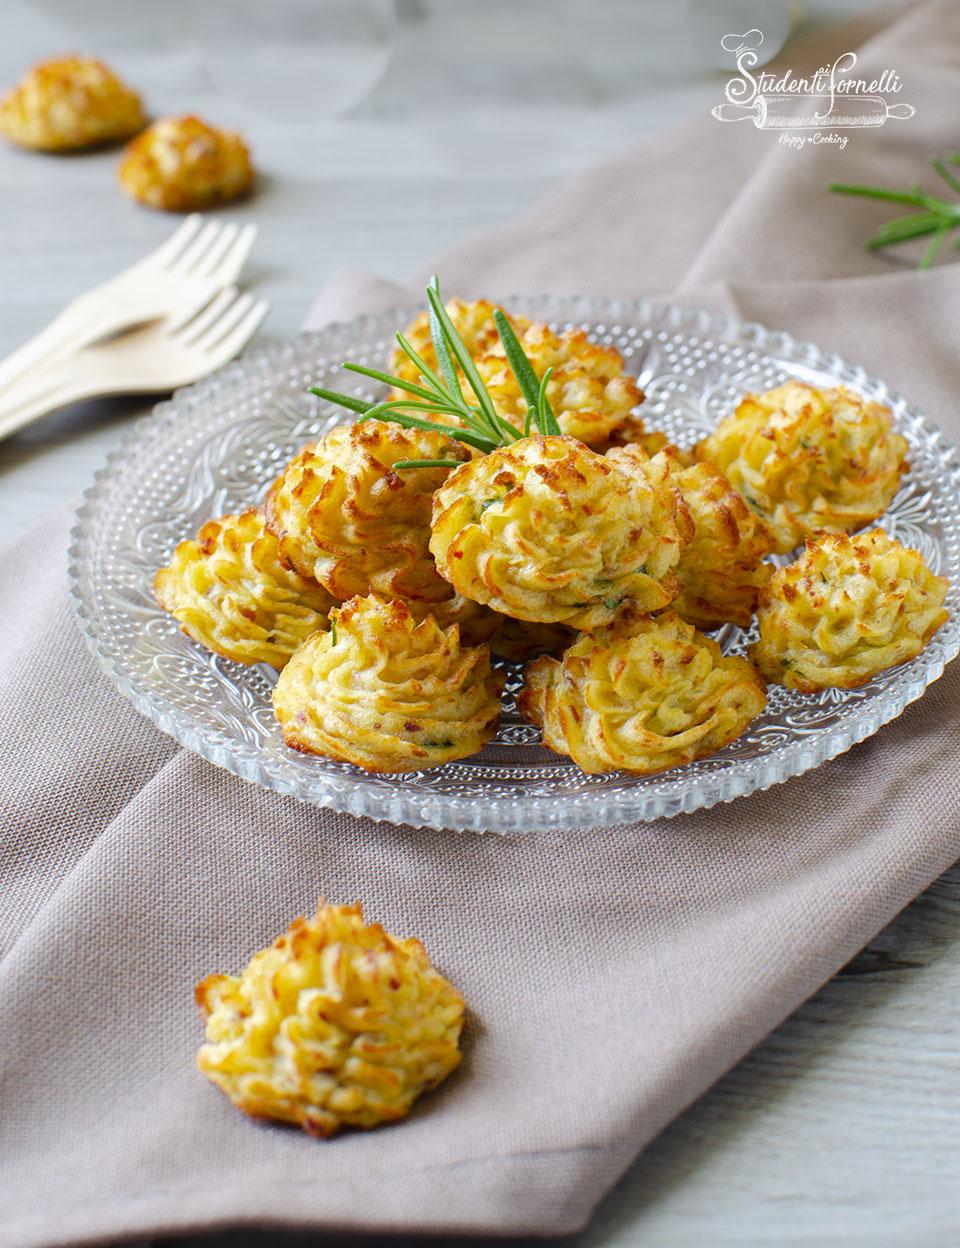 ricetta patate duchessa ricetta contorno copia